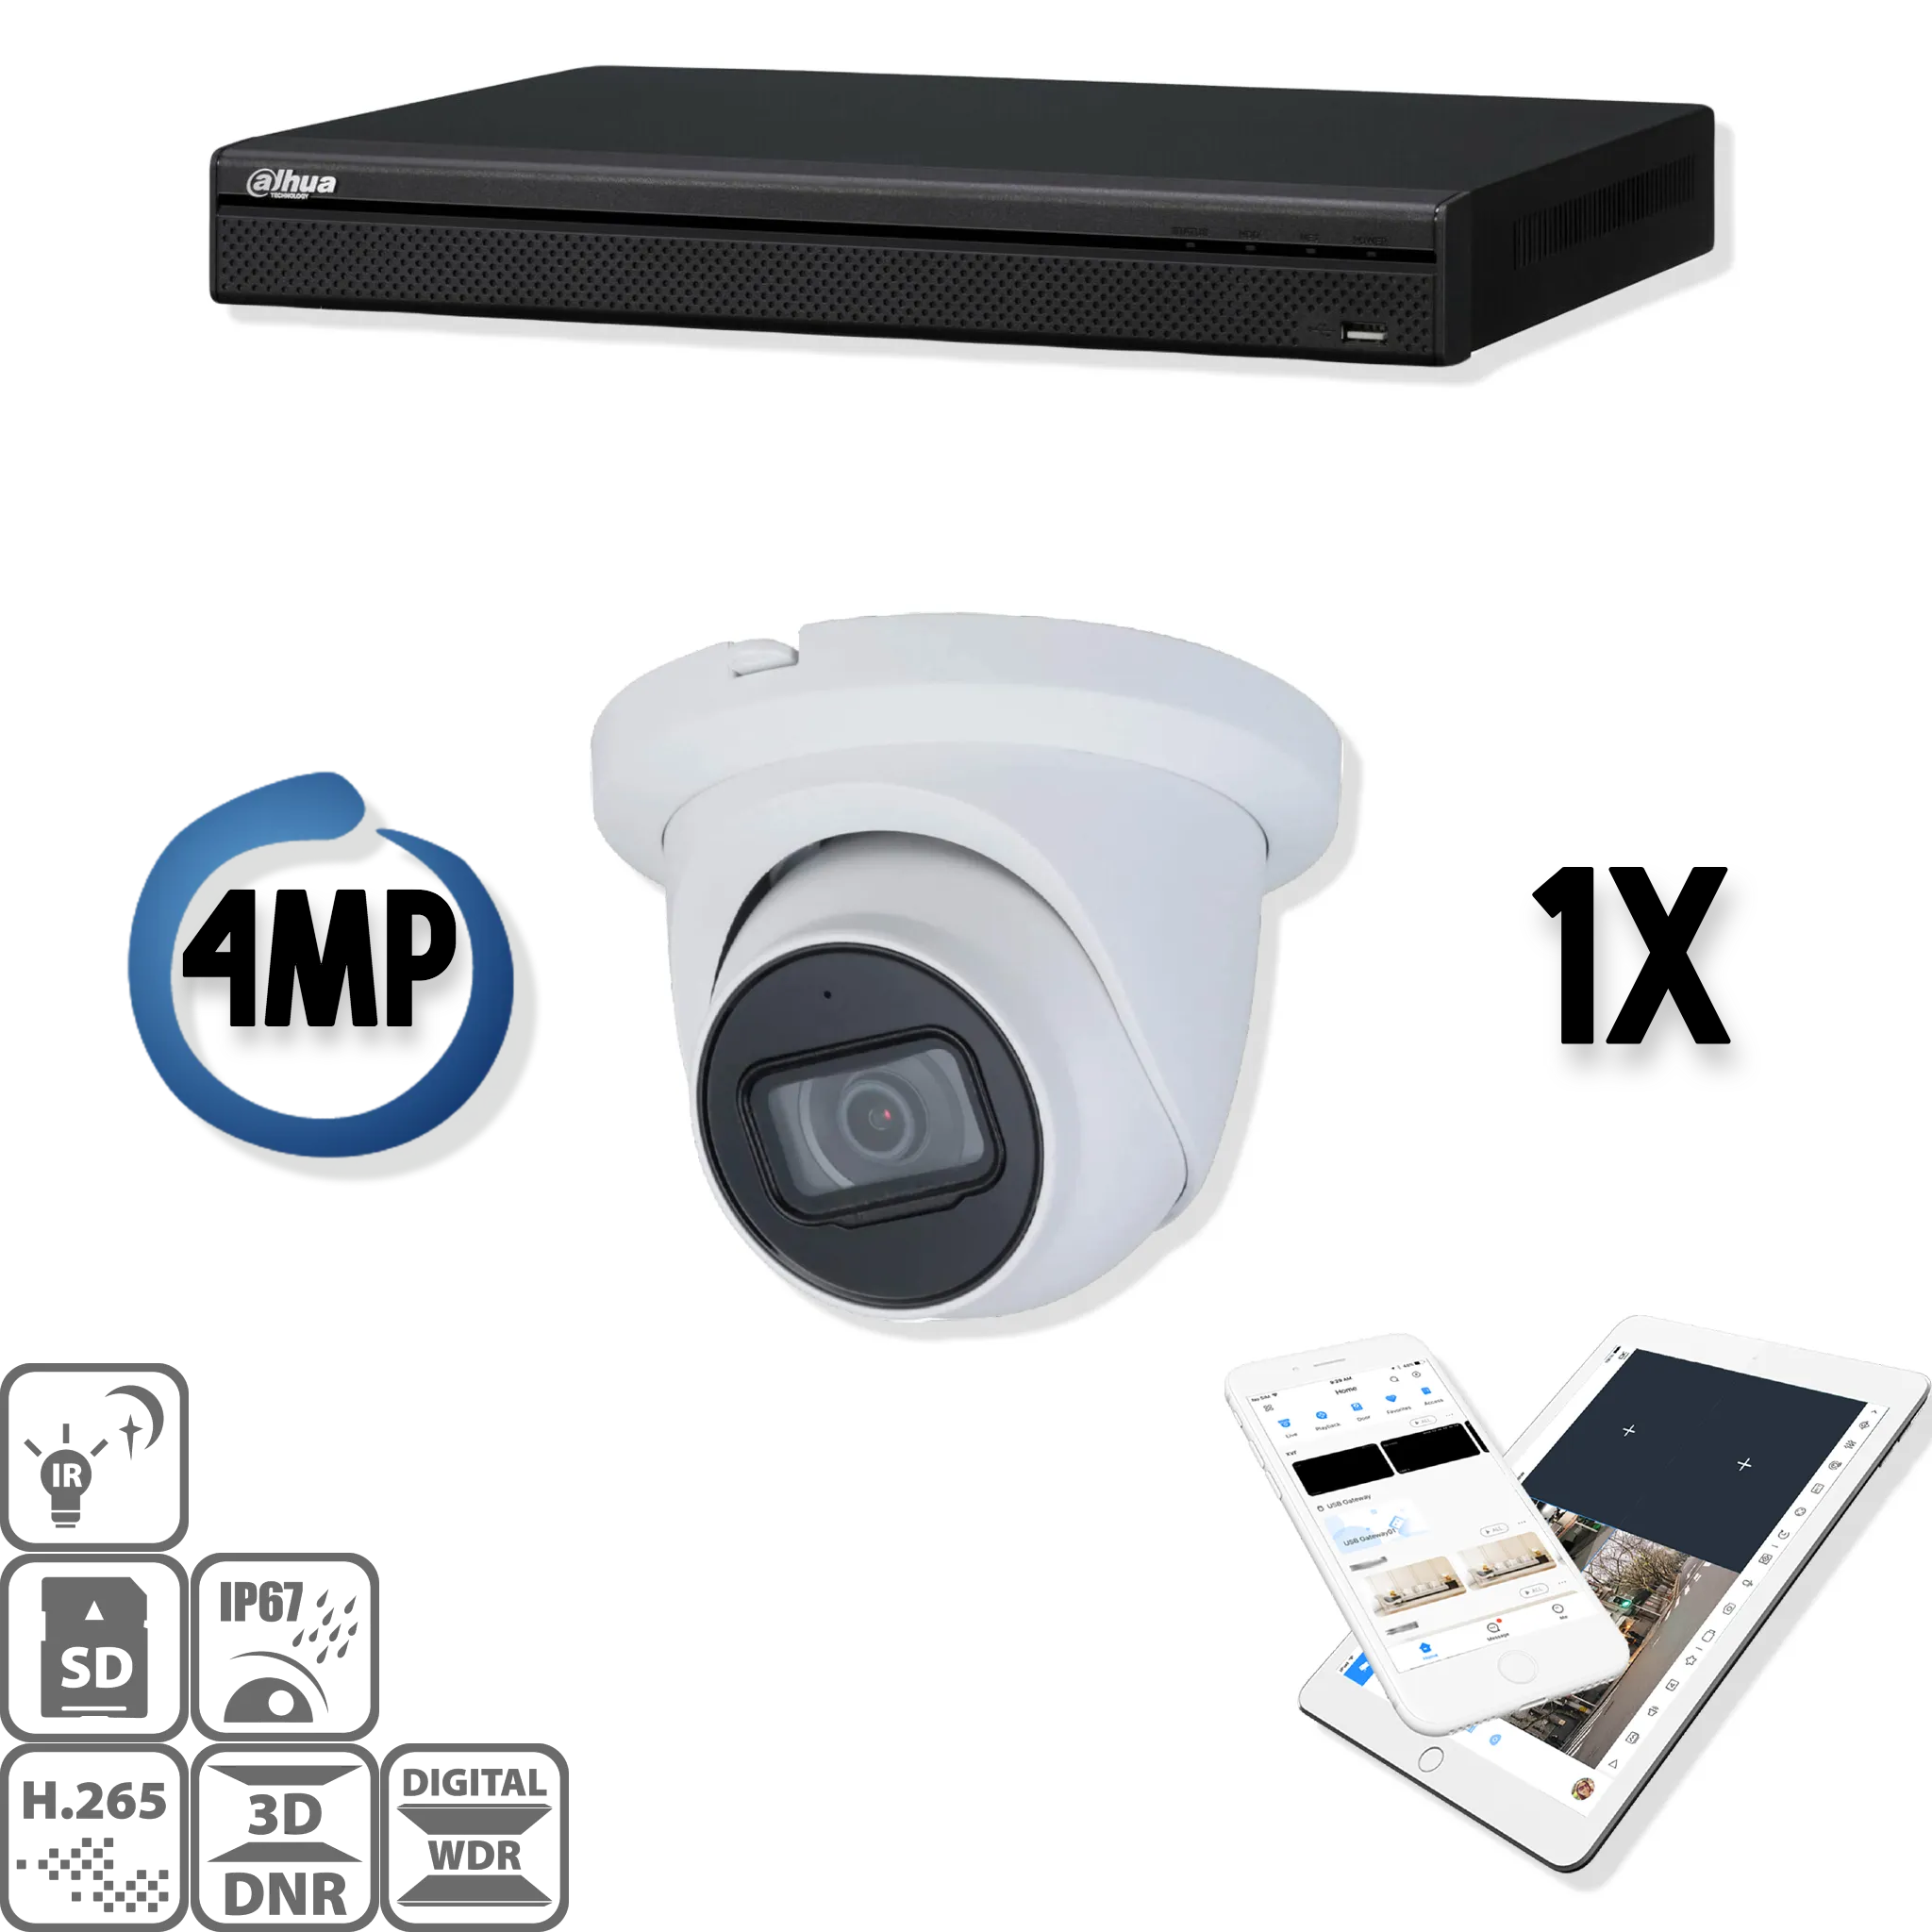 Deze kit bestaat uit:<br /> 1 x 4 Kanaals 4K recorder<br /> 1 x 4 Megapixel Starlight Dahua camera<br /> 1 x DMSS Lite App<br /> 1 x Gratis PC / MAC software<br /> 1 x 20 meter CAT5 kabel<br /> 1 x USB muis<br /> 1x 1 meter HDMI kabel